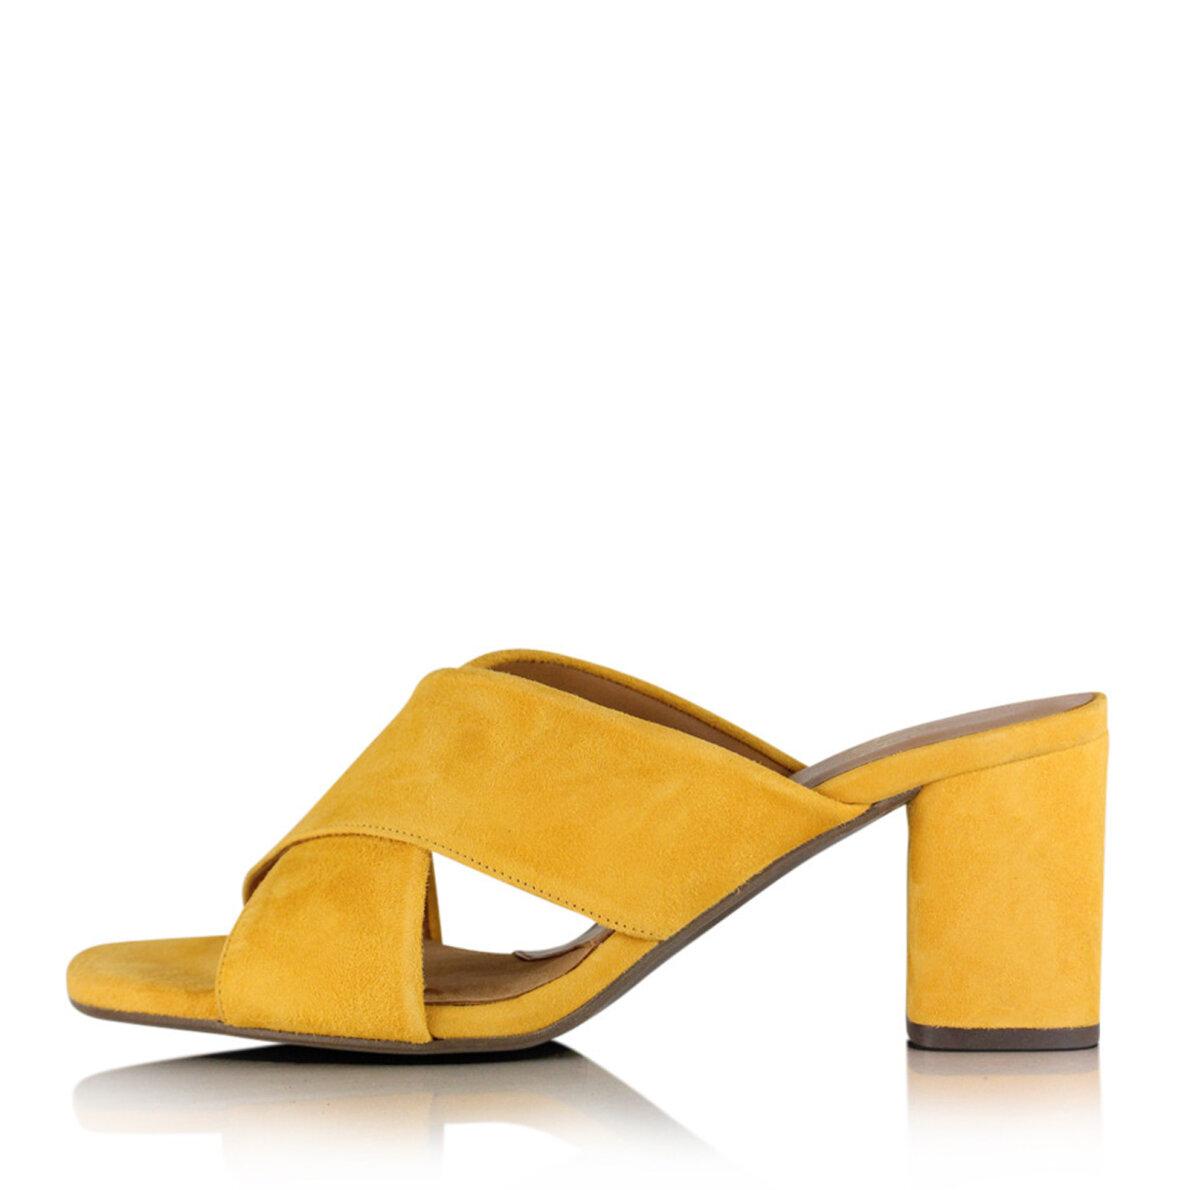 d4bd1855468 Billi Bi 8111 - Gul slip in sandal med chunky hæl - Piedi.dk